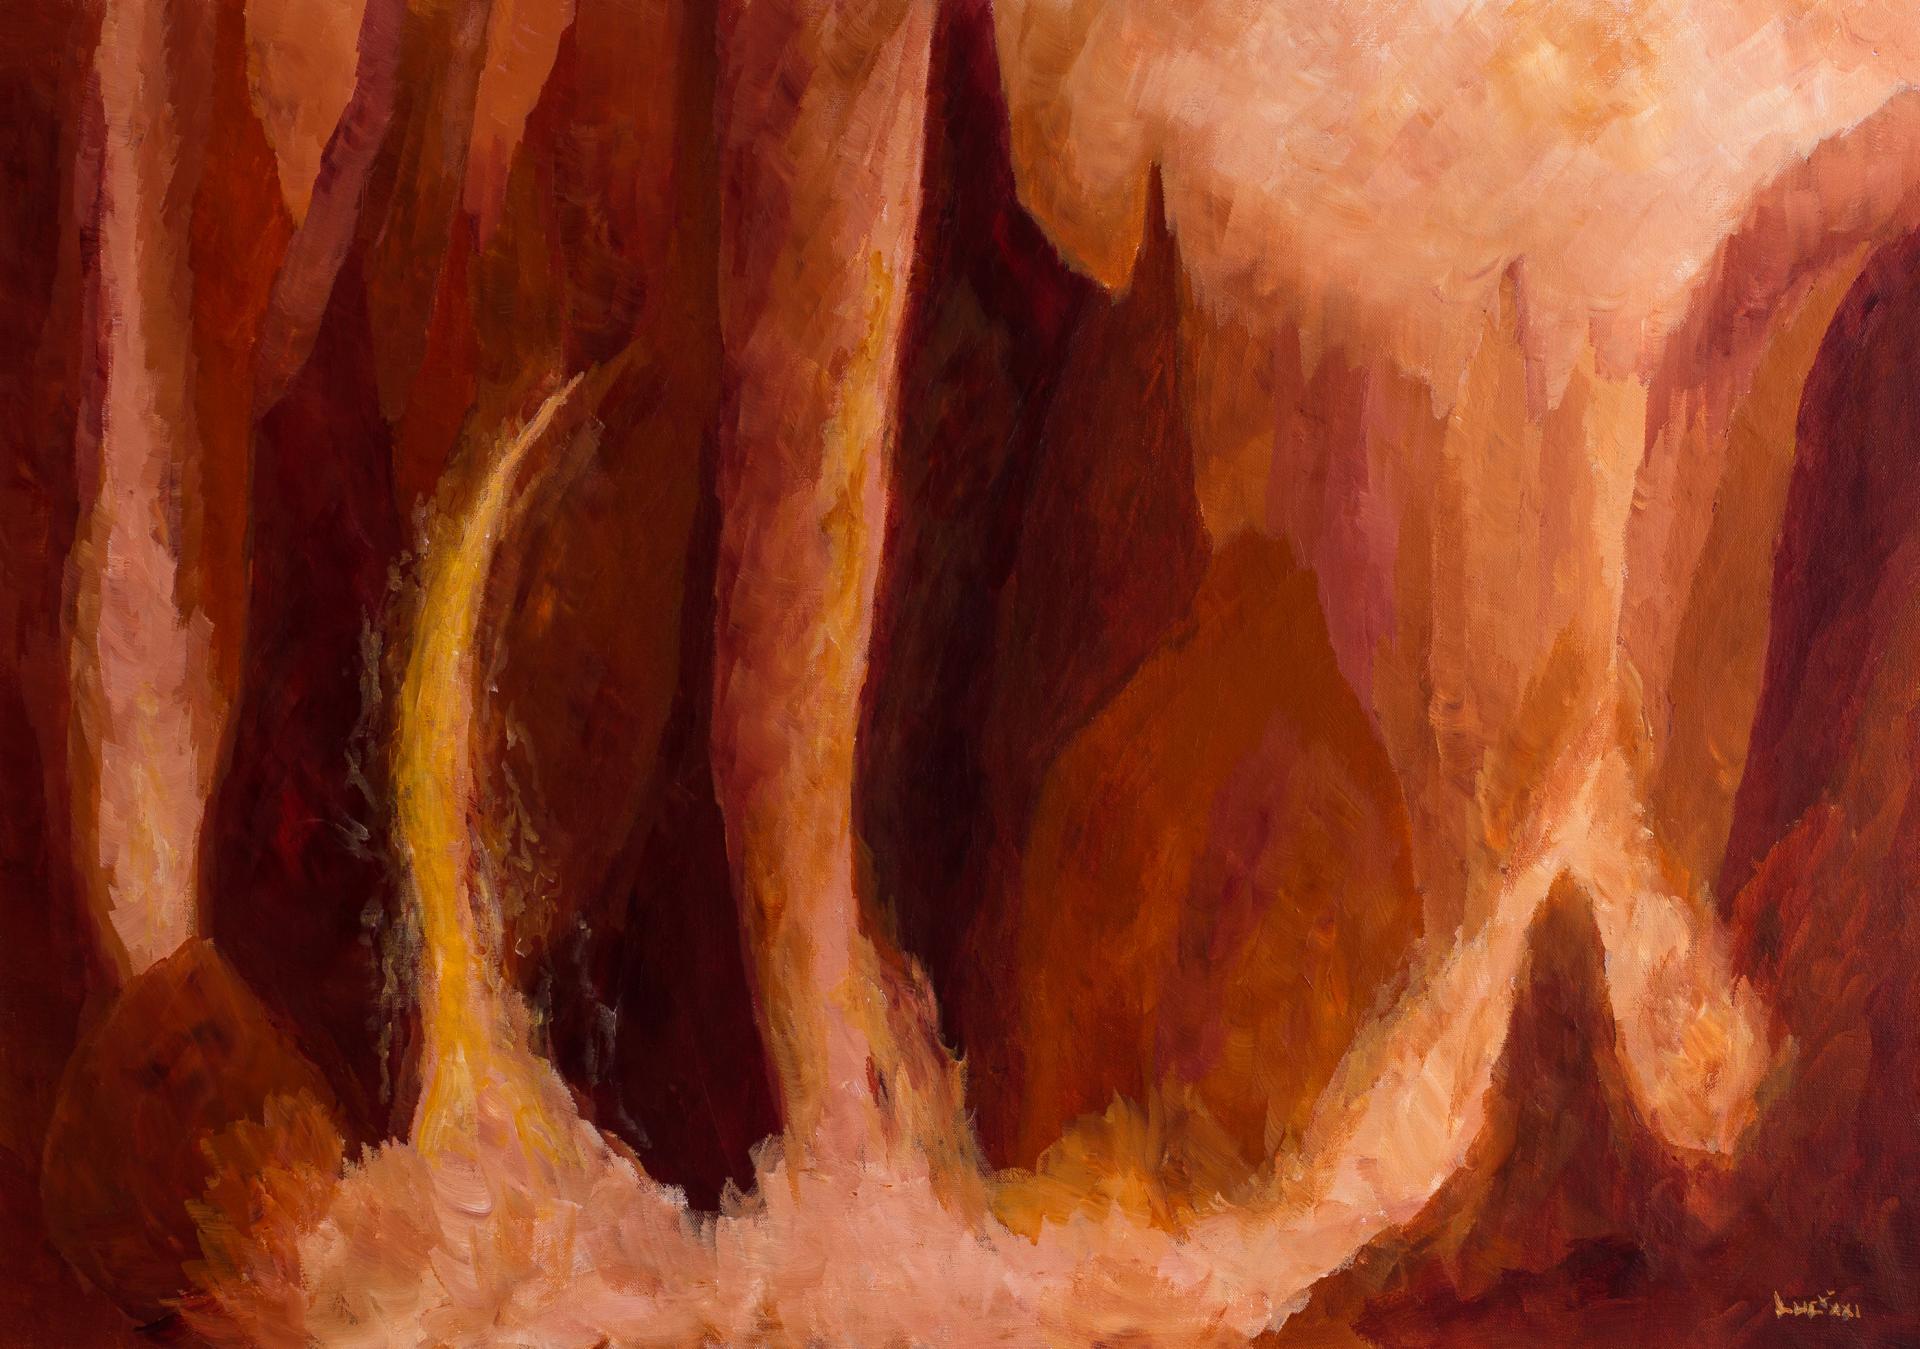 Le canyon 2